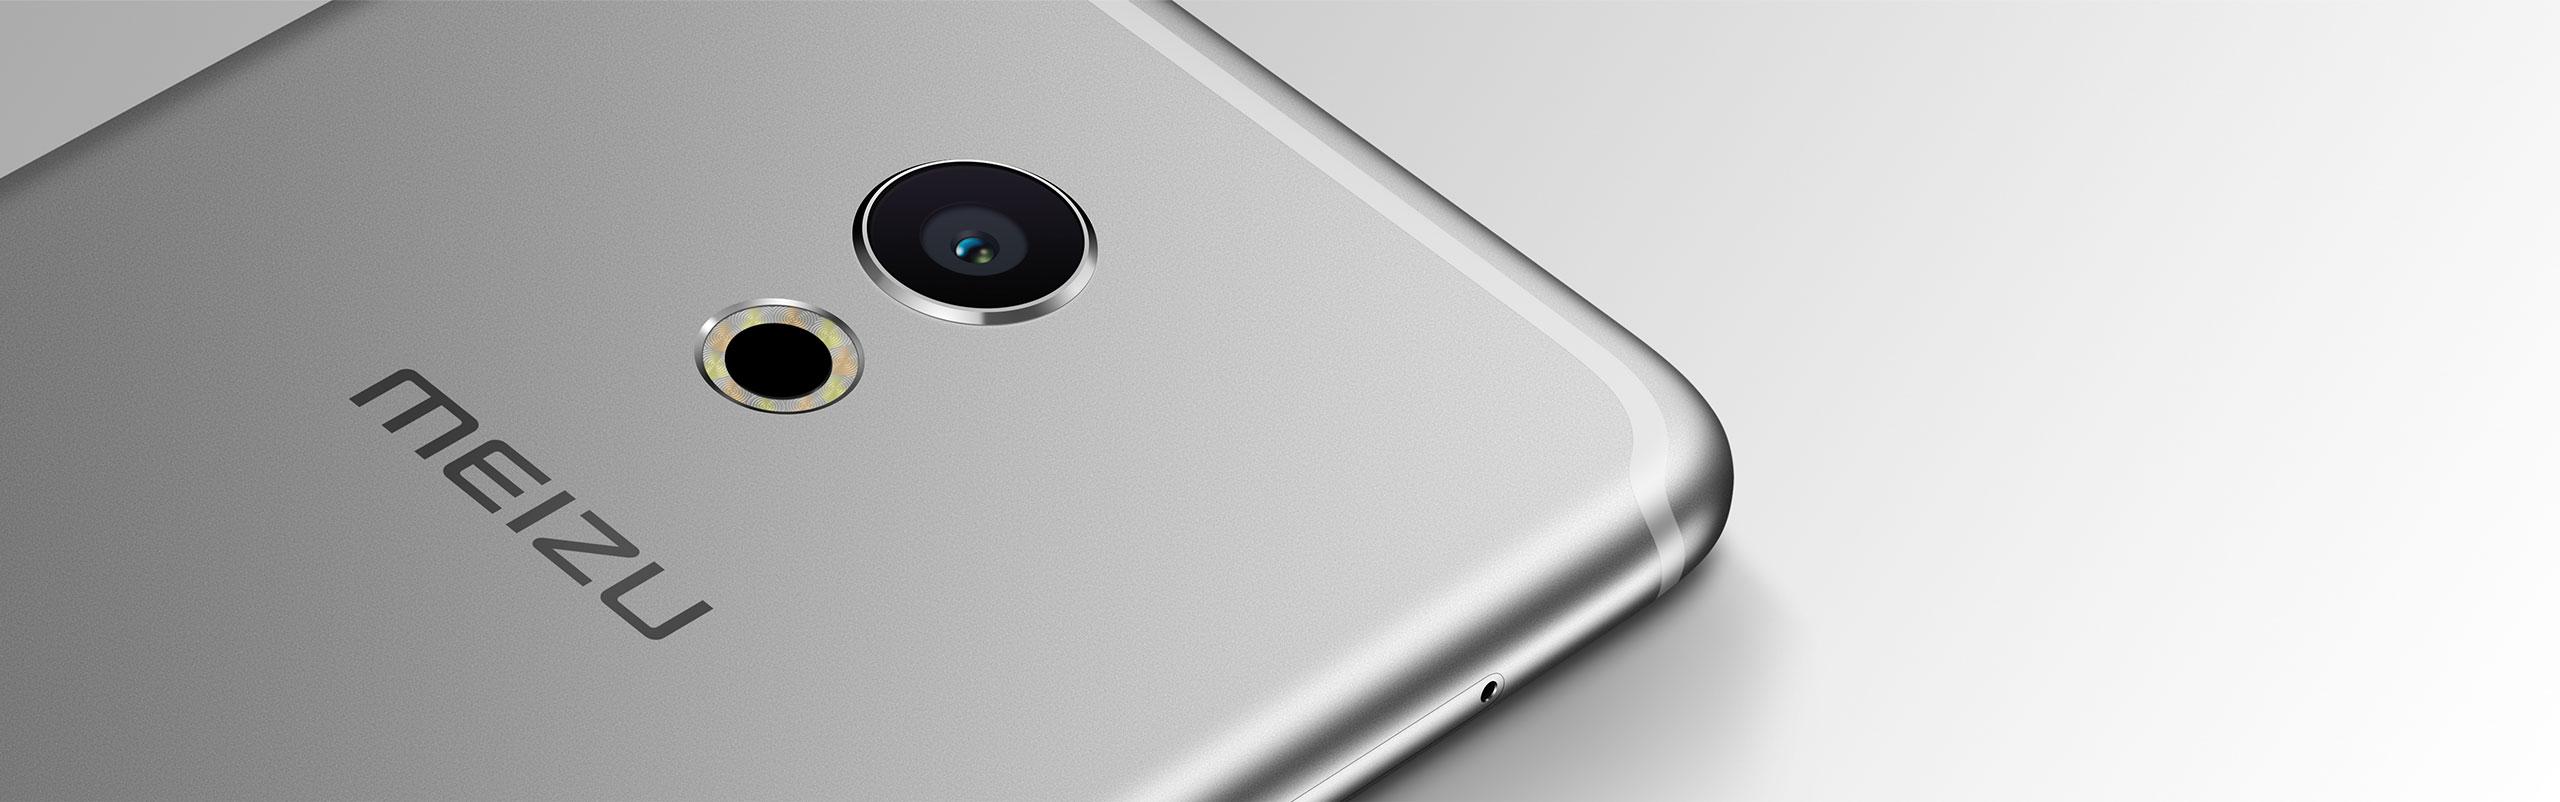 Recensione Meizu Pro 6 fotocamera